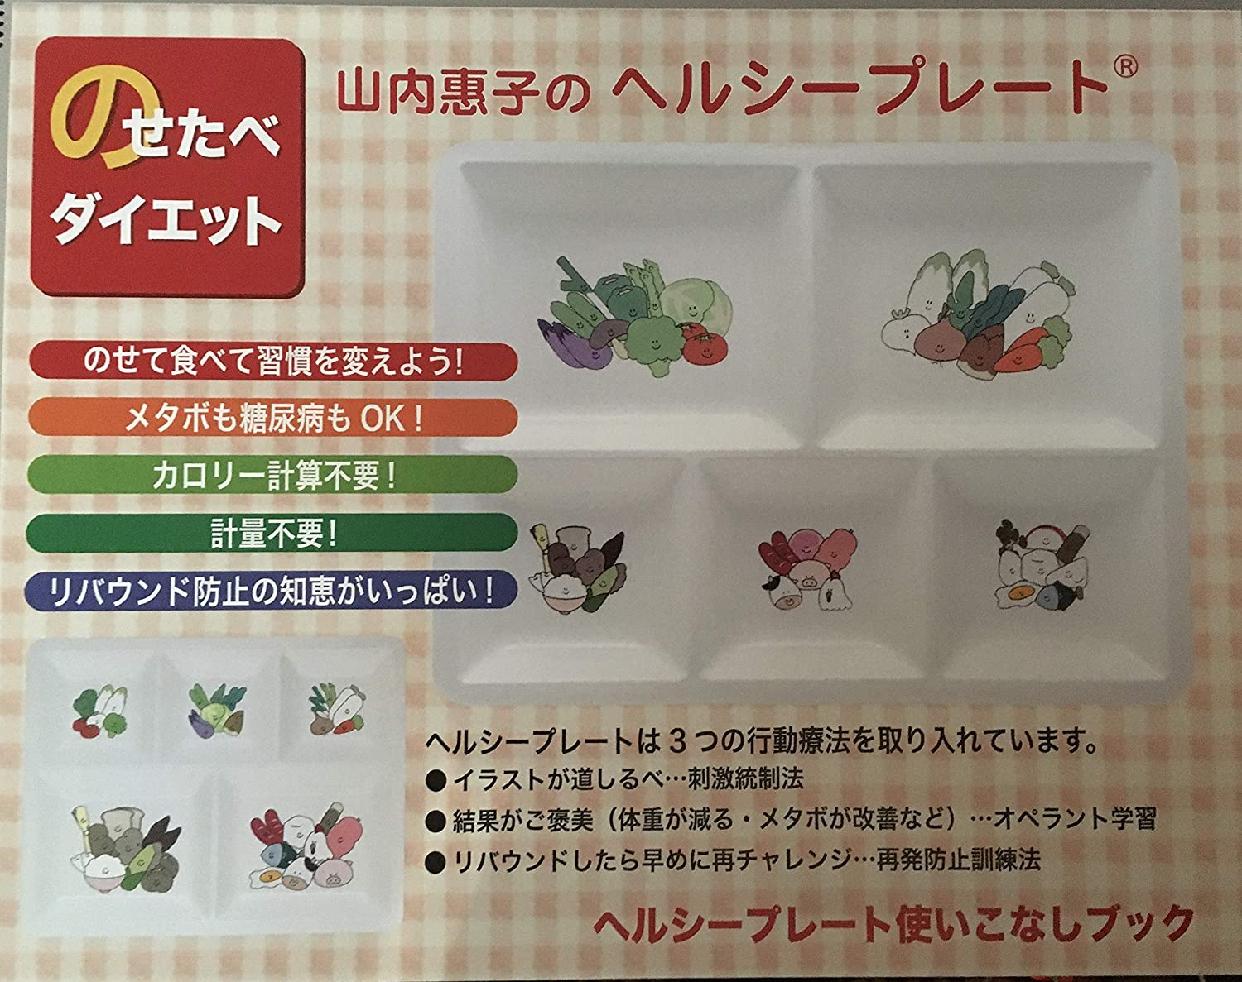 HPYK(エイチピーワイケイ) 山内惠子のヘルシープレートのせたべダイエット箱入りセット(改定本入り)の商品画像7